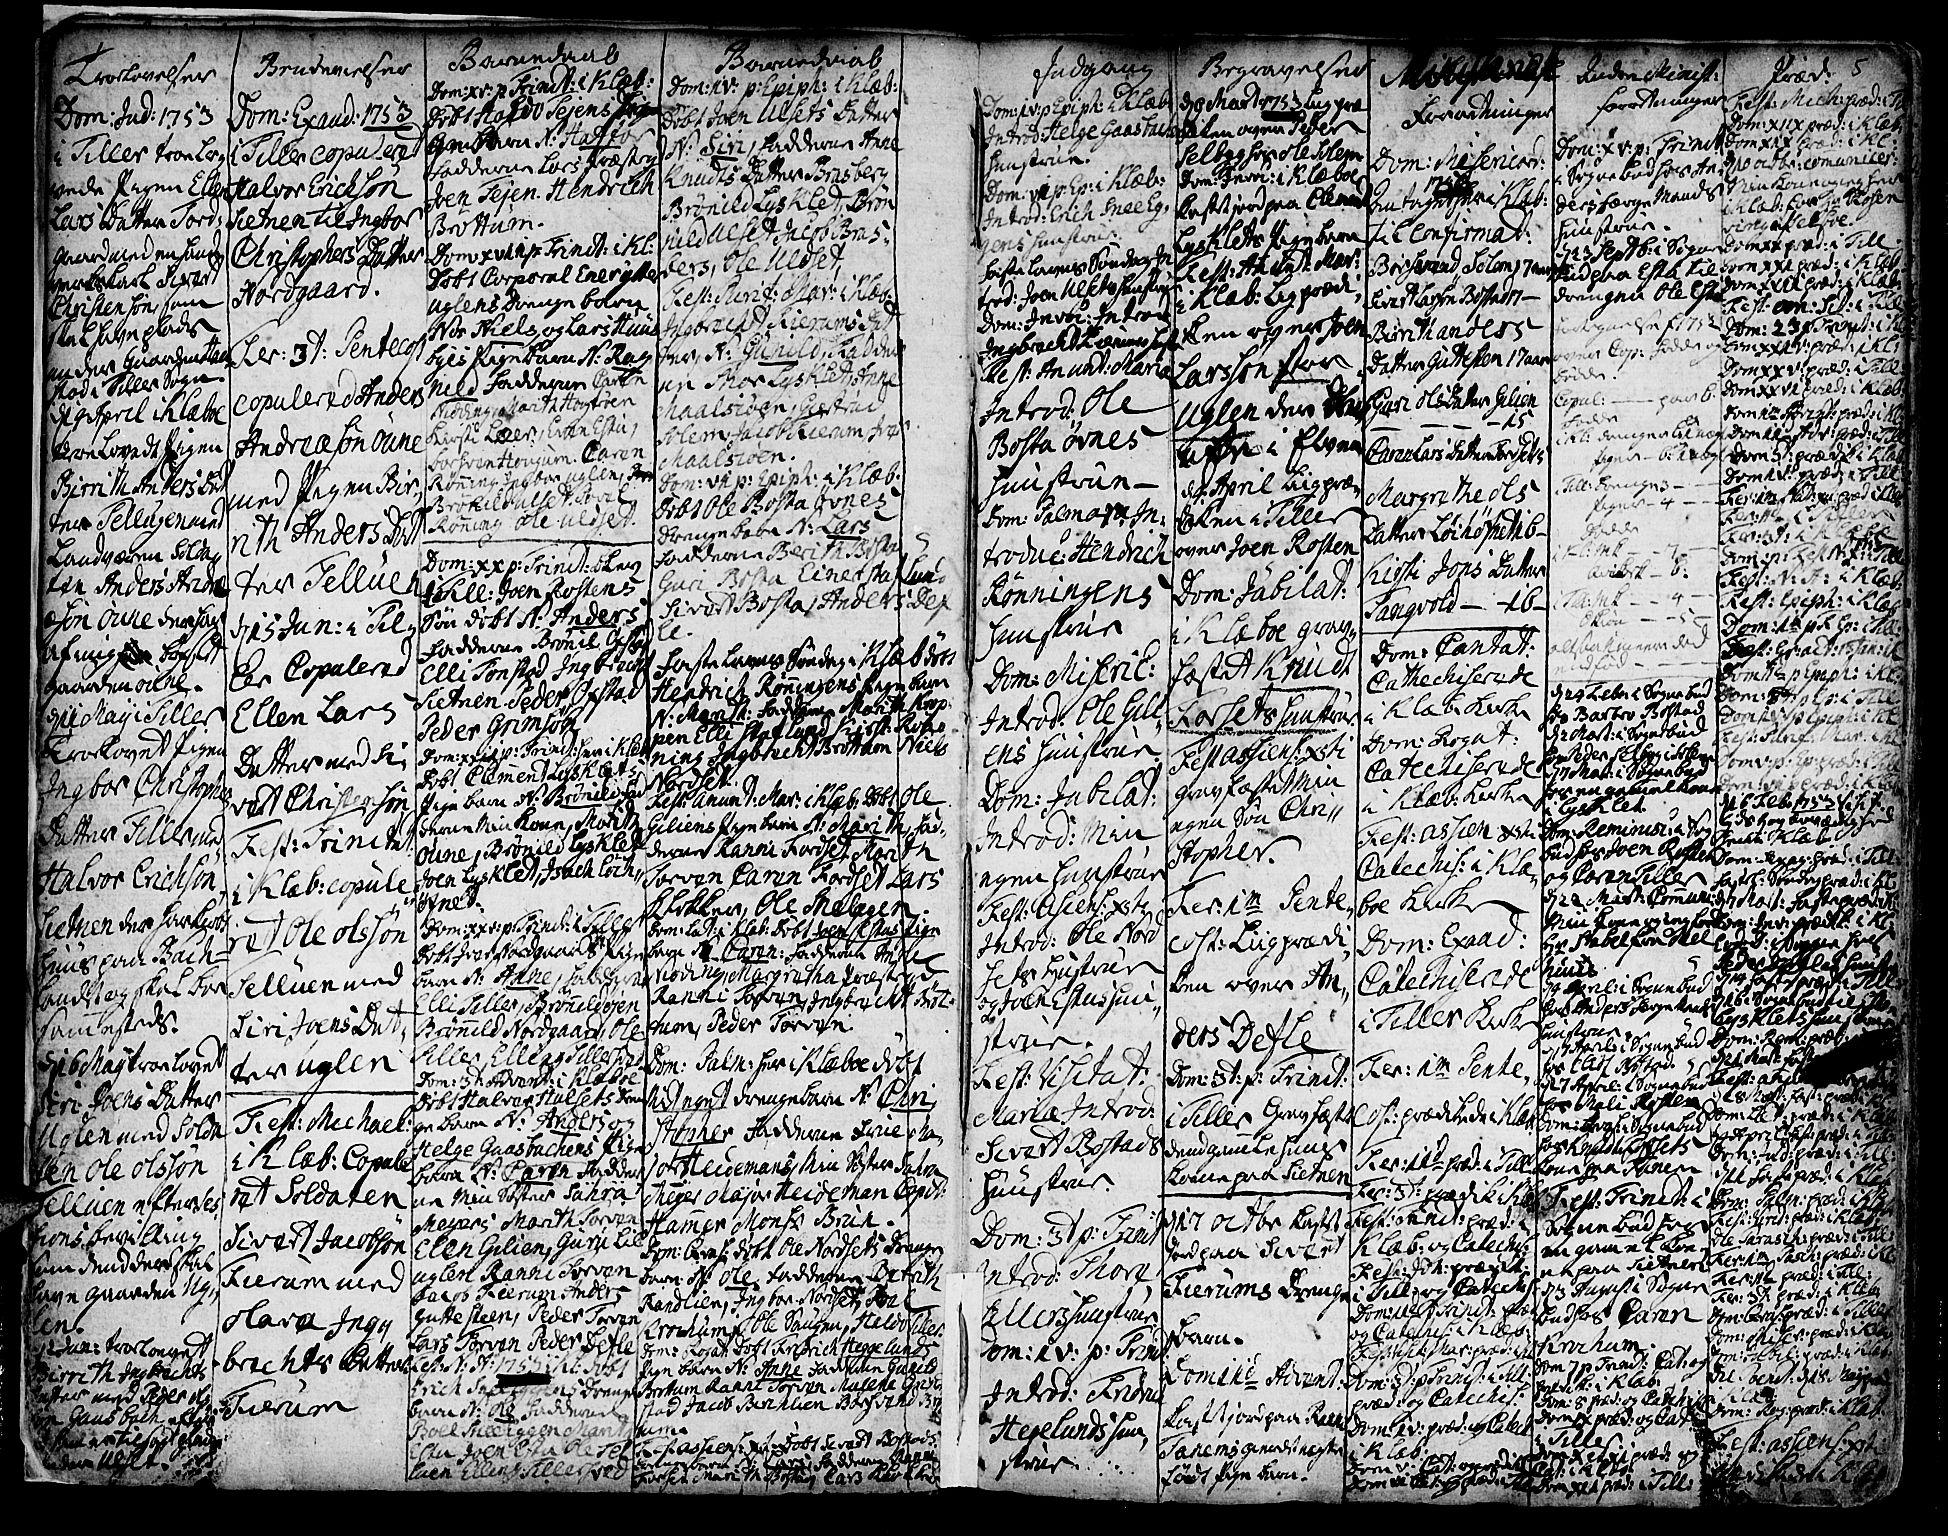 SAT, Ministerialprotokoller, klokkerbøker og fødselsregistre - Sør-Trøndelag, 618/L0437: Ministerialbok nr. 618A02, 1749-1782, s. 5